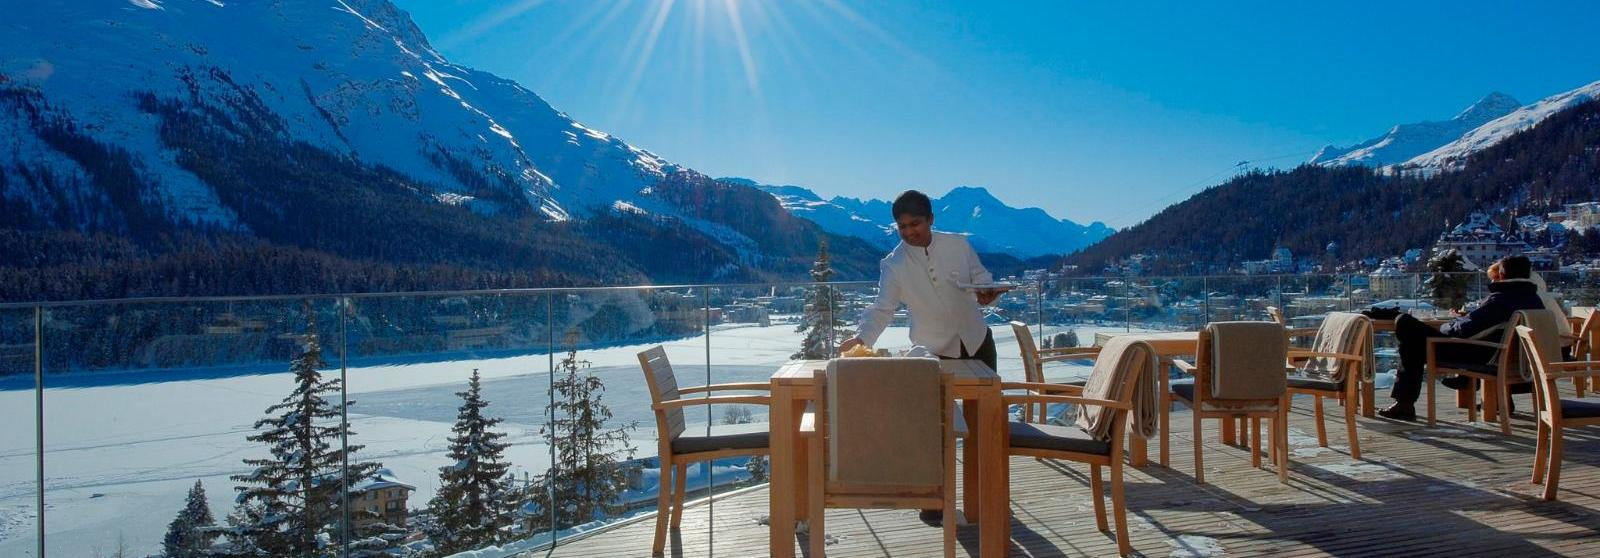 圣莫里茨卡尔顿酒店(Carlton Hotel St. Moritz) 露台图片  www.lhw.cn